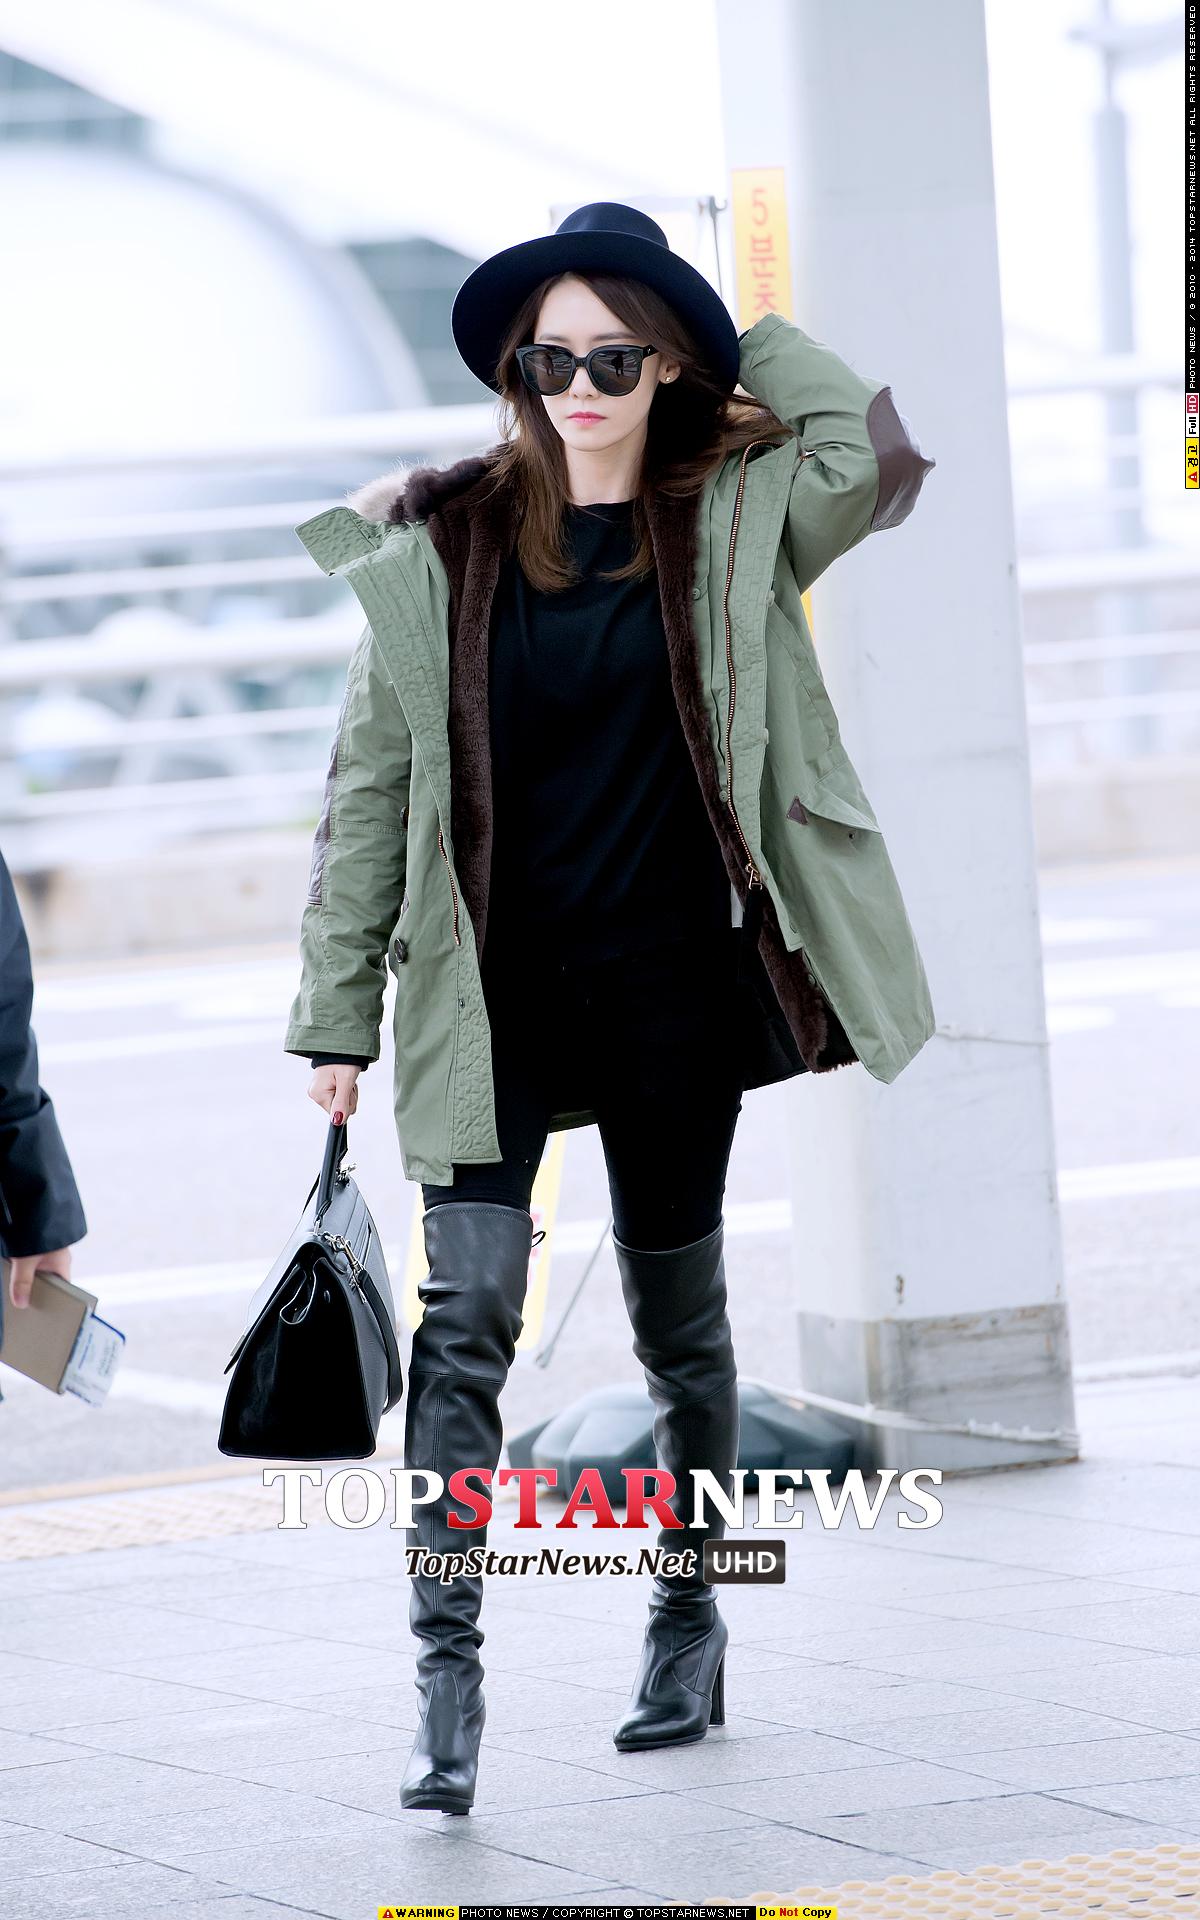 另外一天,潤娥穿上連帽軍外套,格外帥氣呀~那這款外套又是哪個牌子的哩?